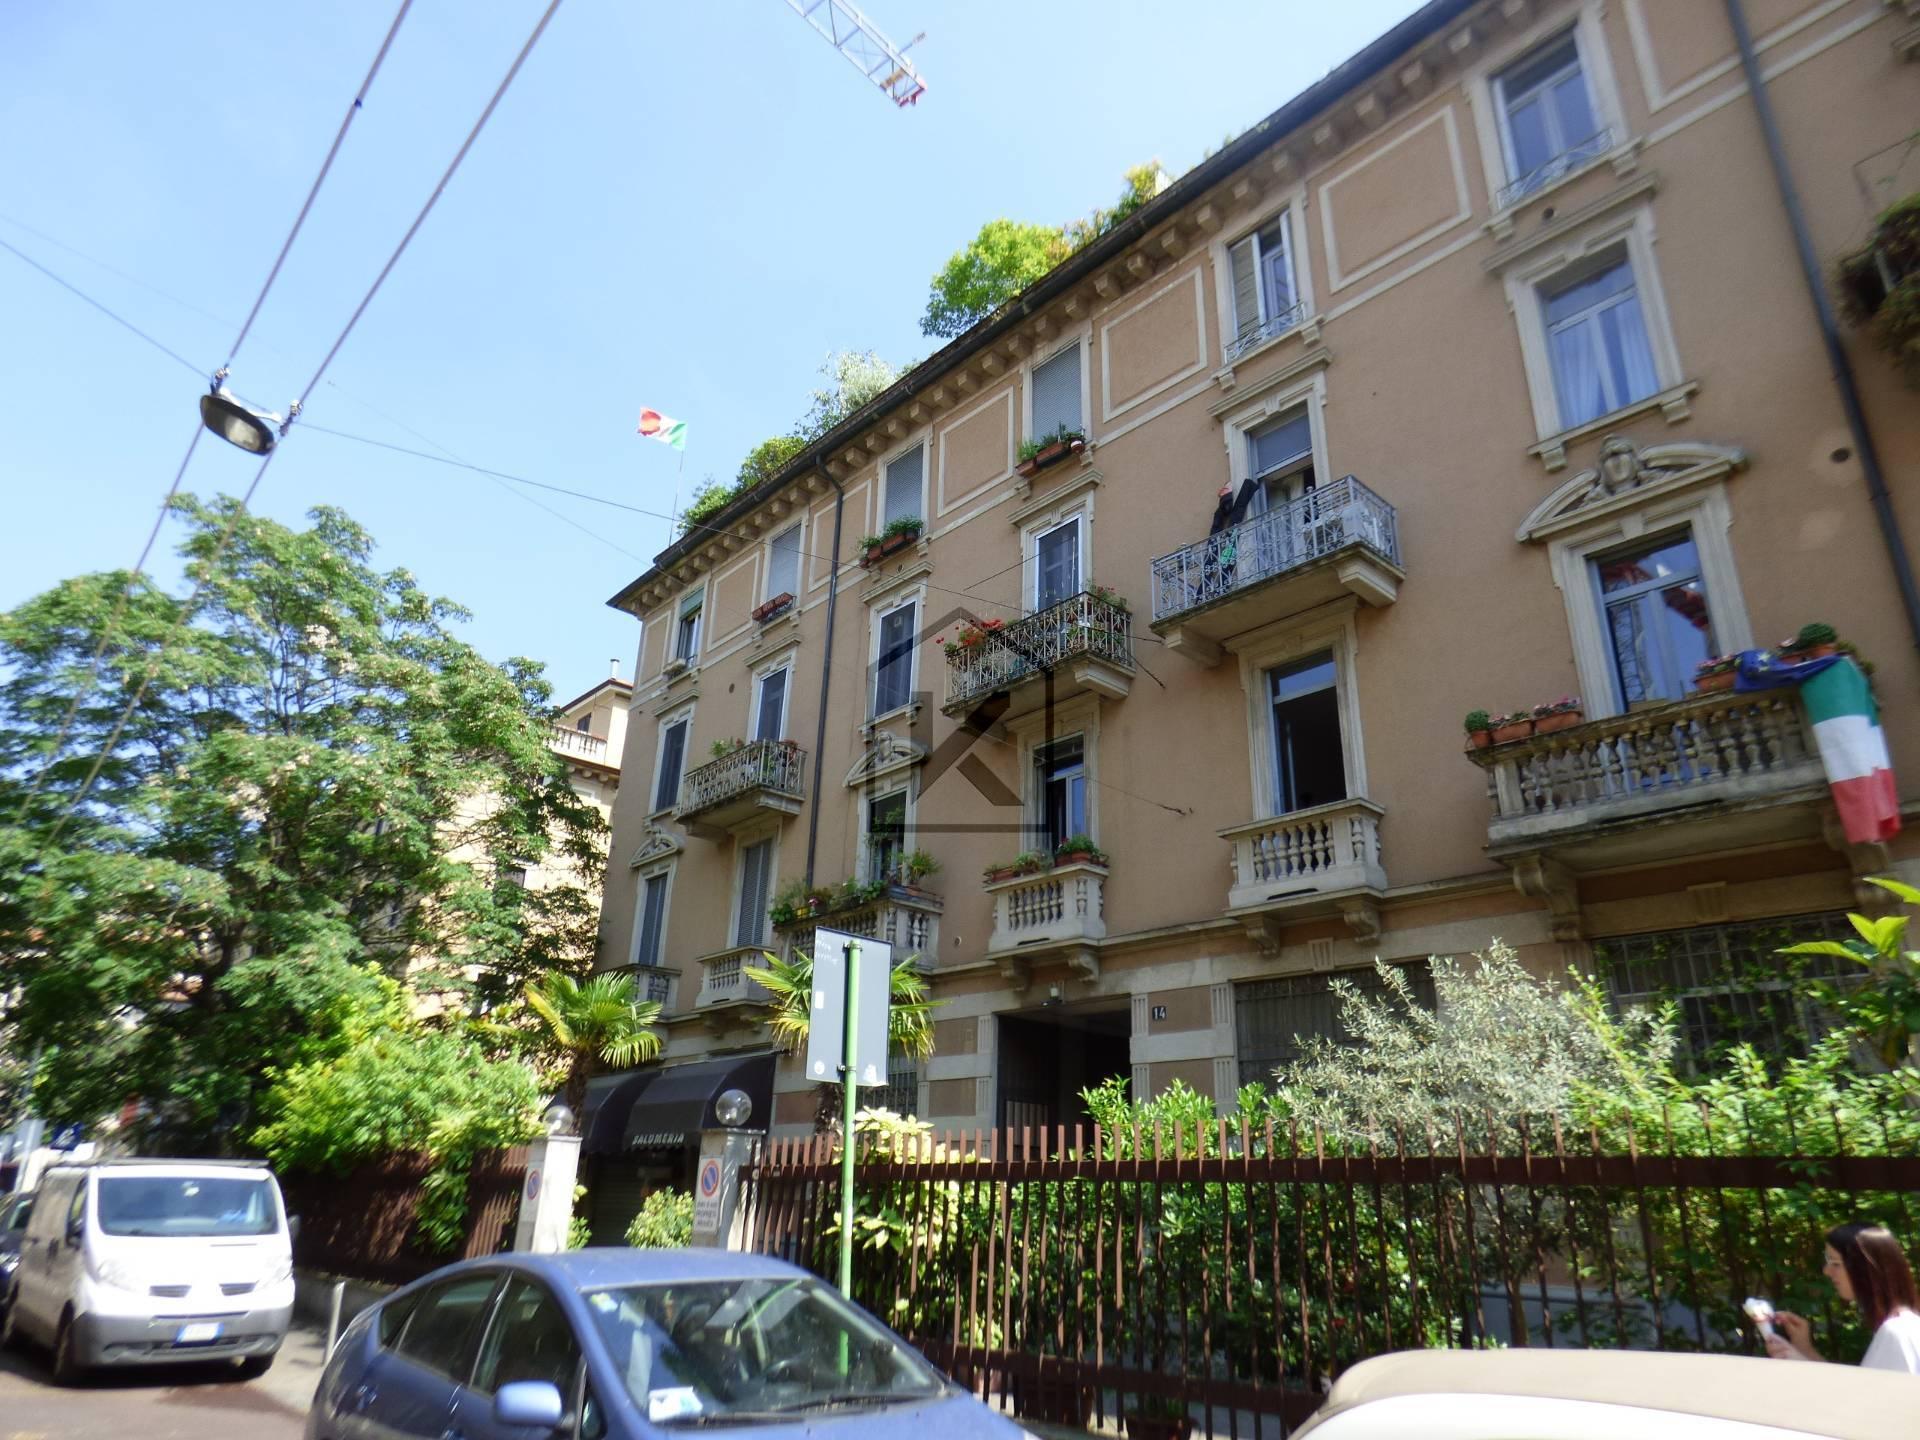 Magazzino in Vendita a Milano: 2 locali, 75 mq